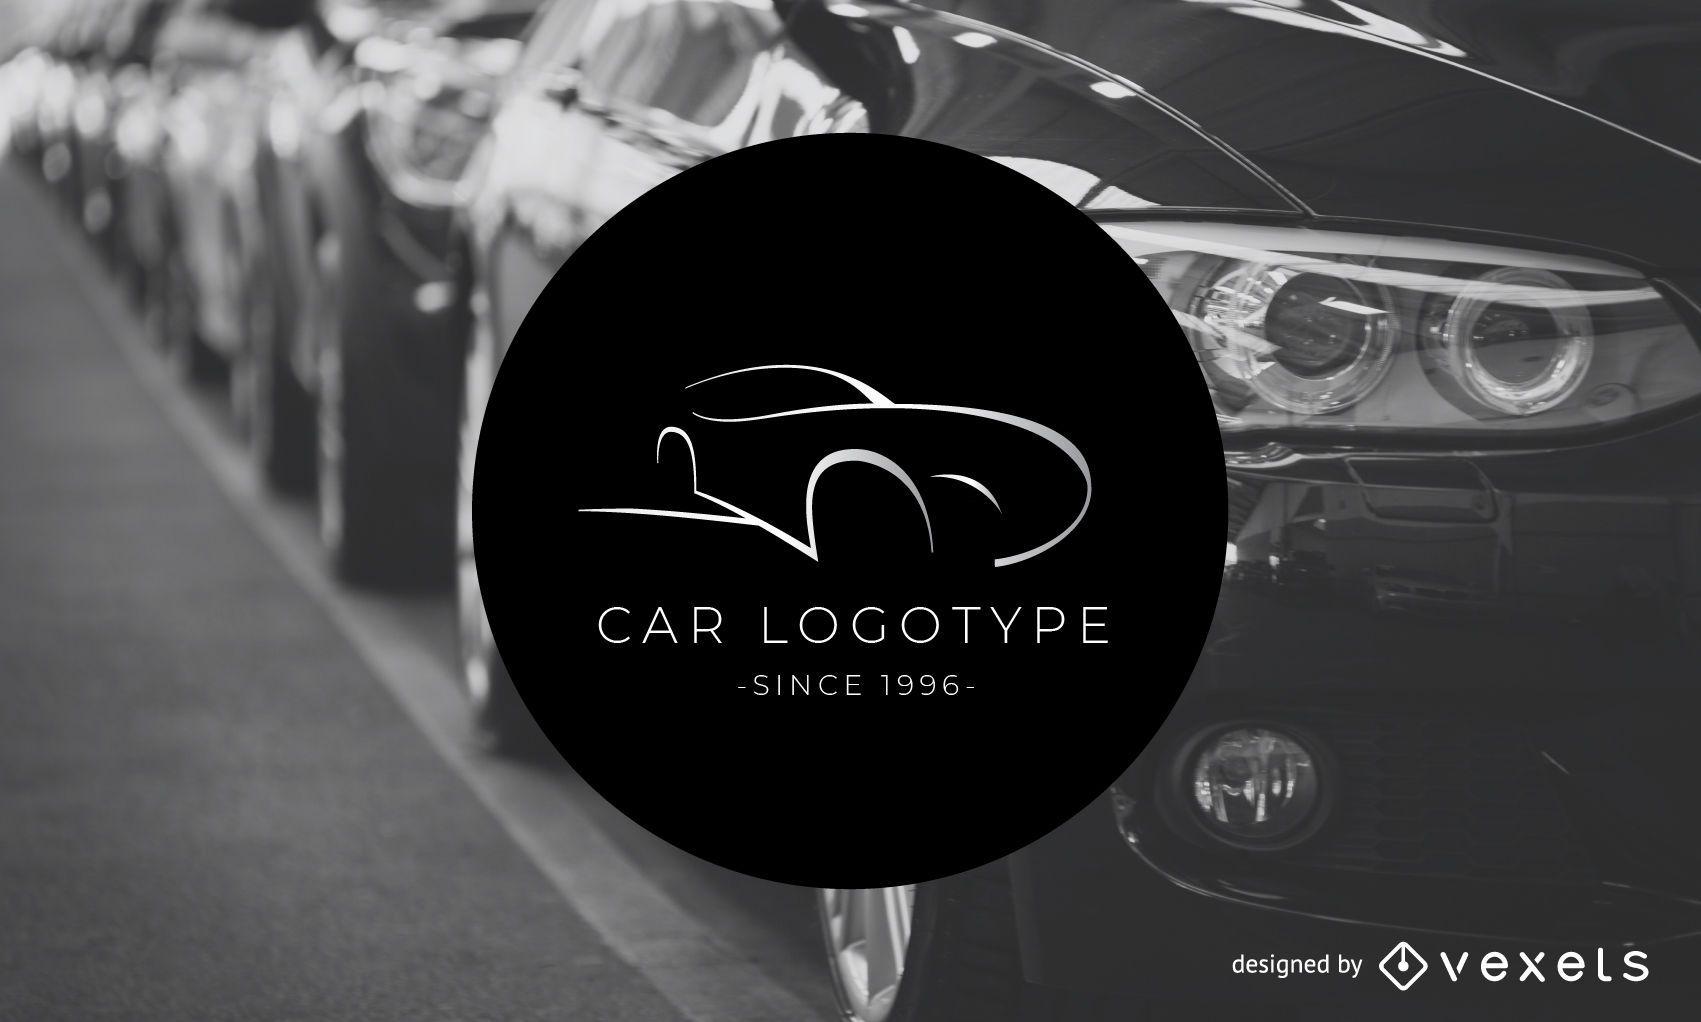 Plantilla de logotipo de logotipo de coche - Descargar vector